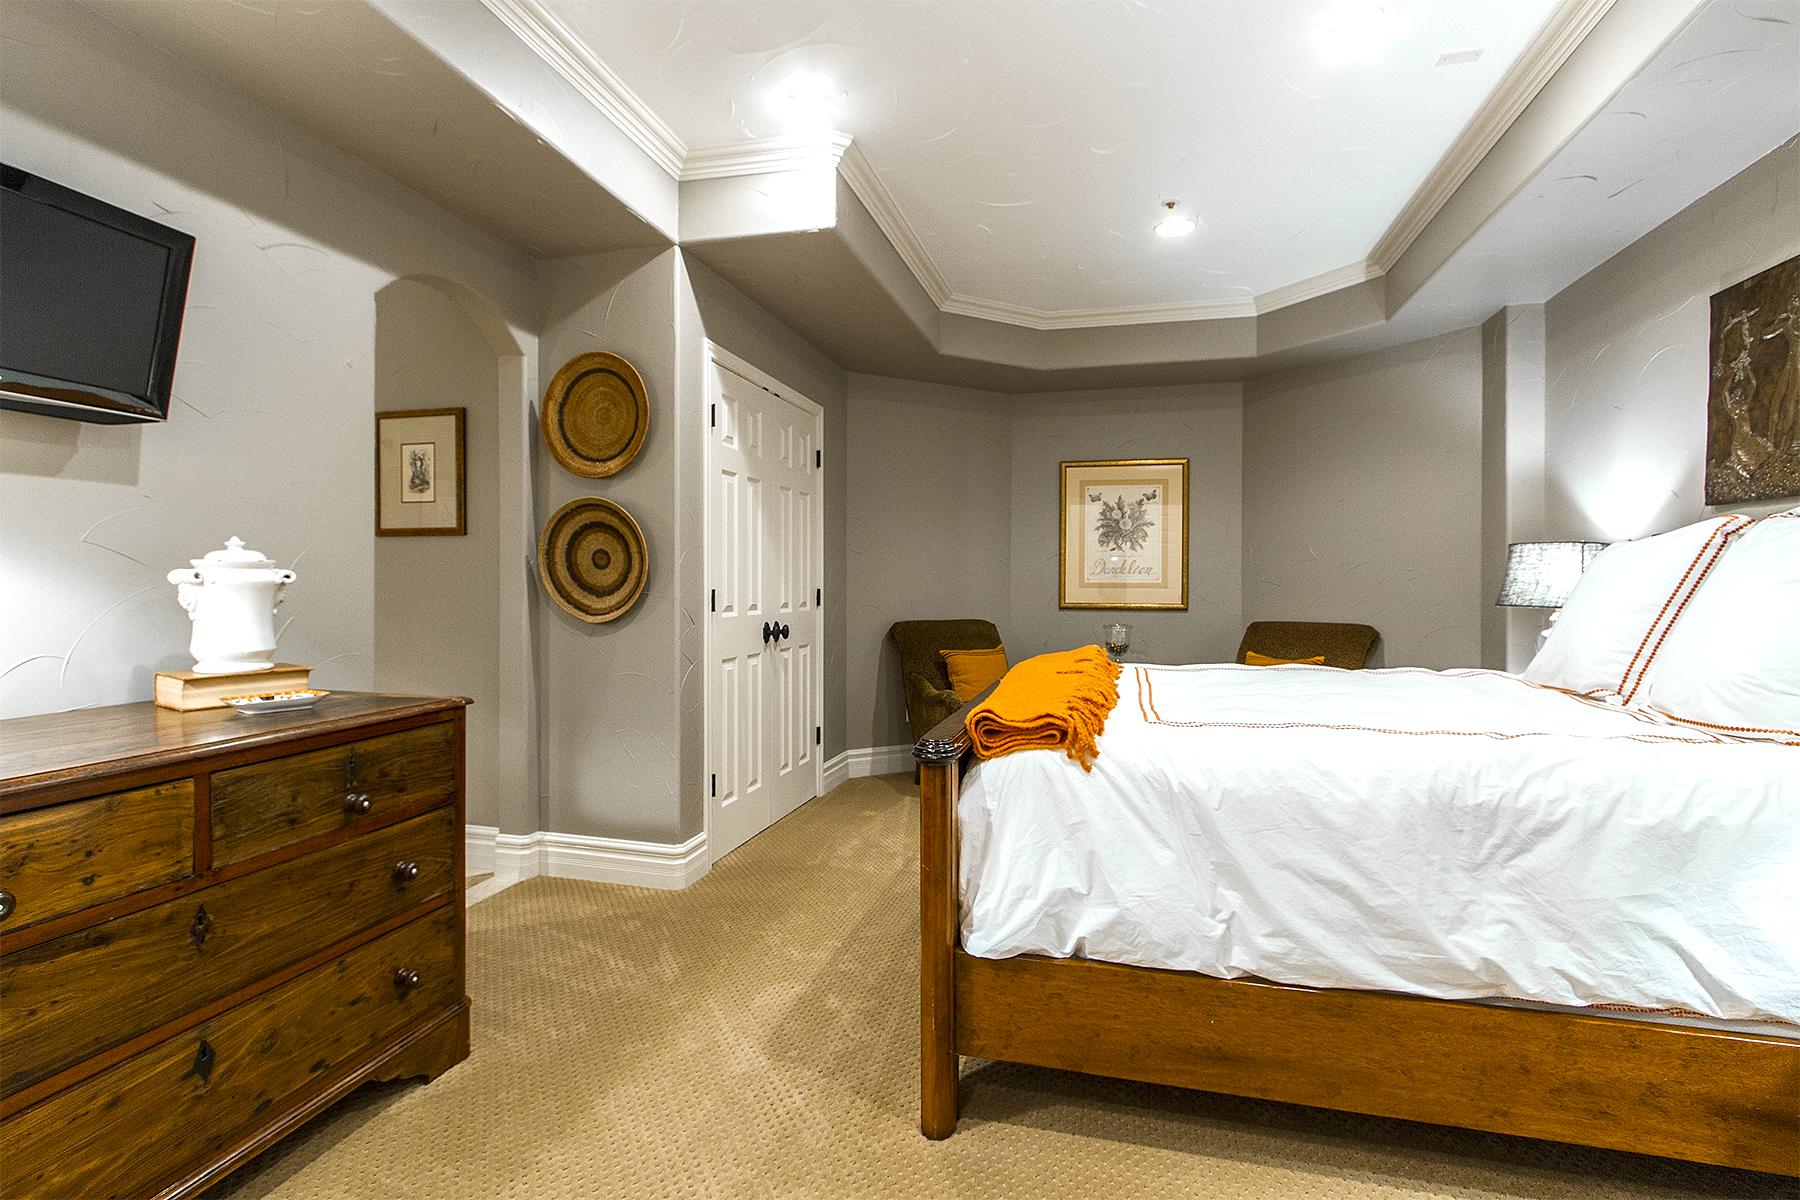 Bedroom-Six_1800x1200_2812996-edit.png